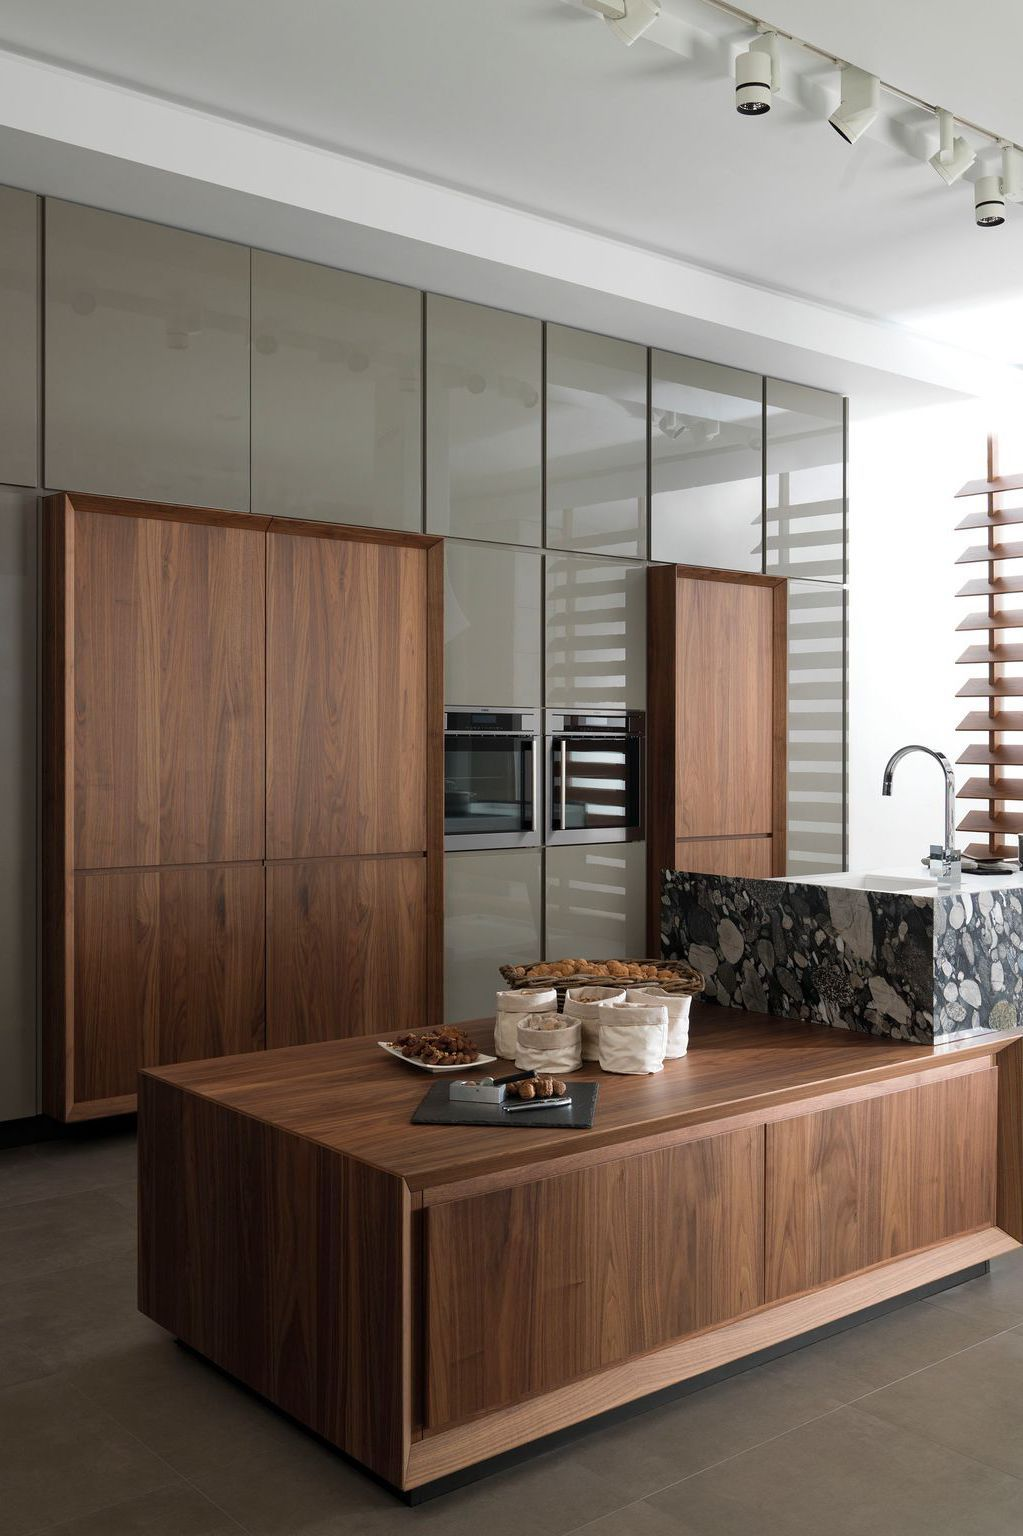 Cuisine contemporaine : blanche, moderne, en bois, noire, chic